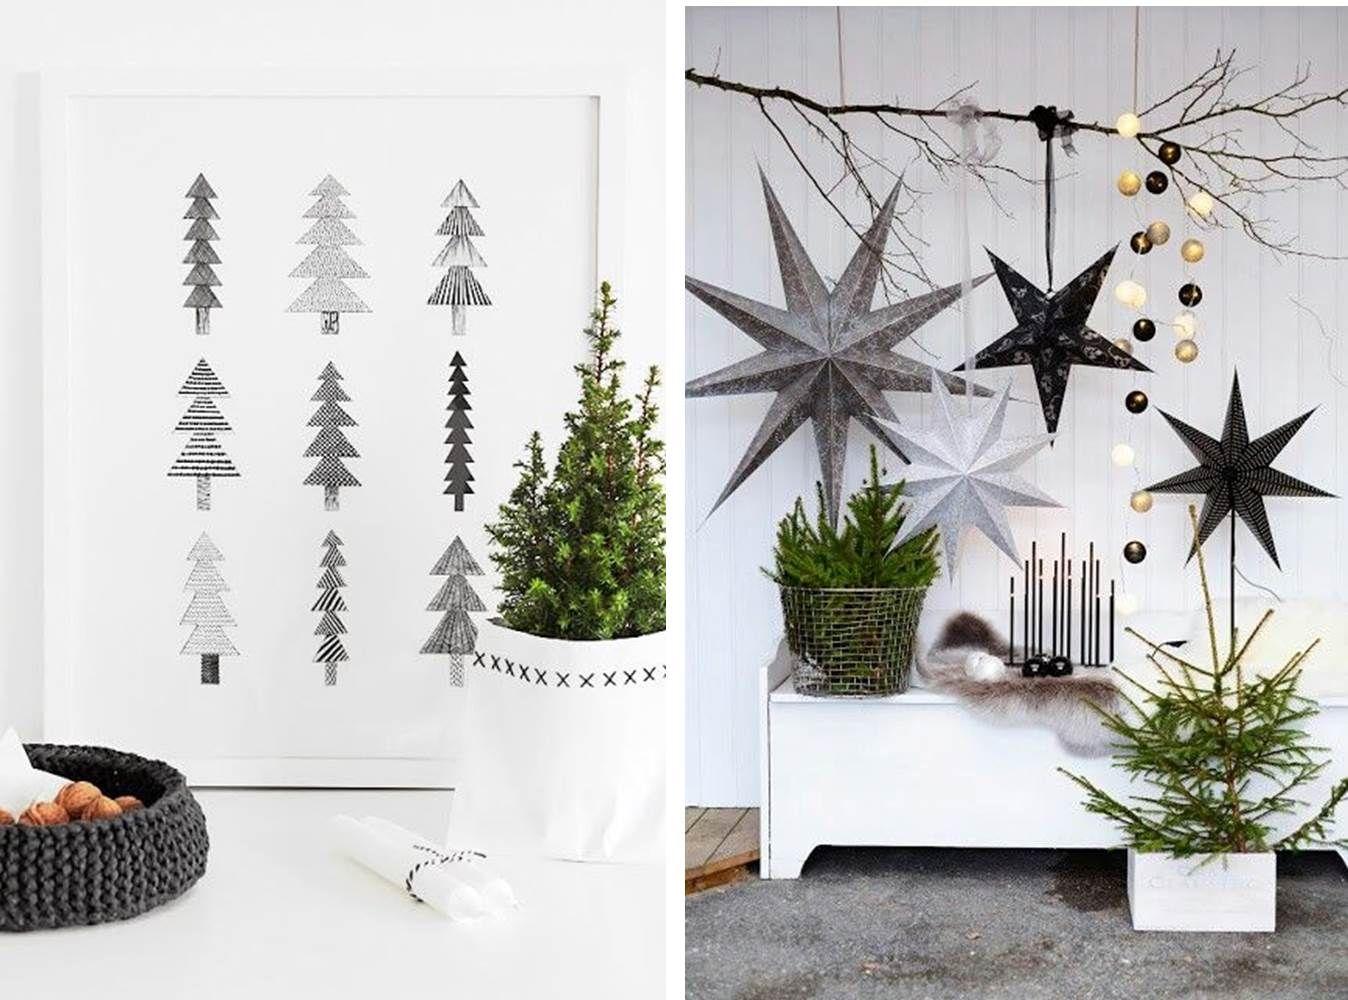 decoración navidad | Navidad | Pinterest | Decoración navideña ...